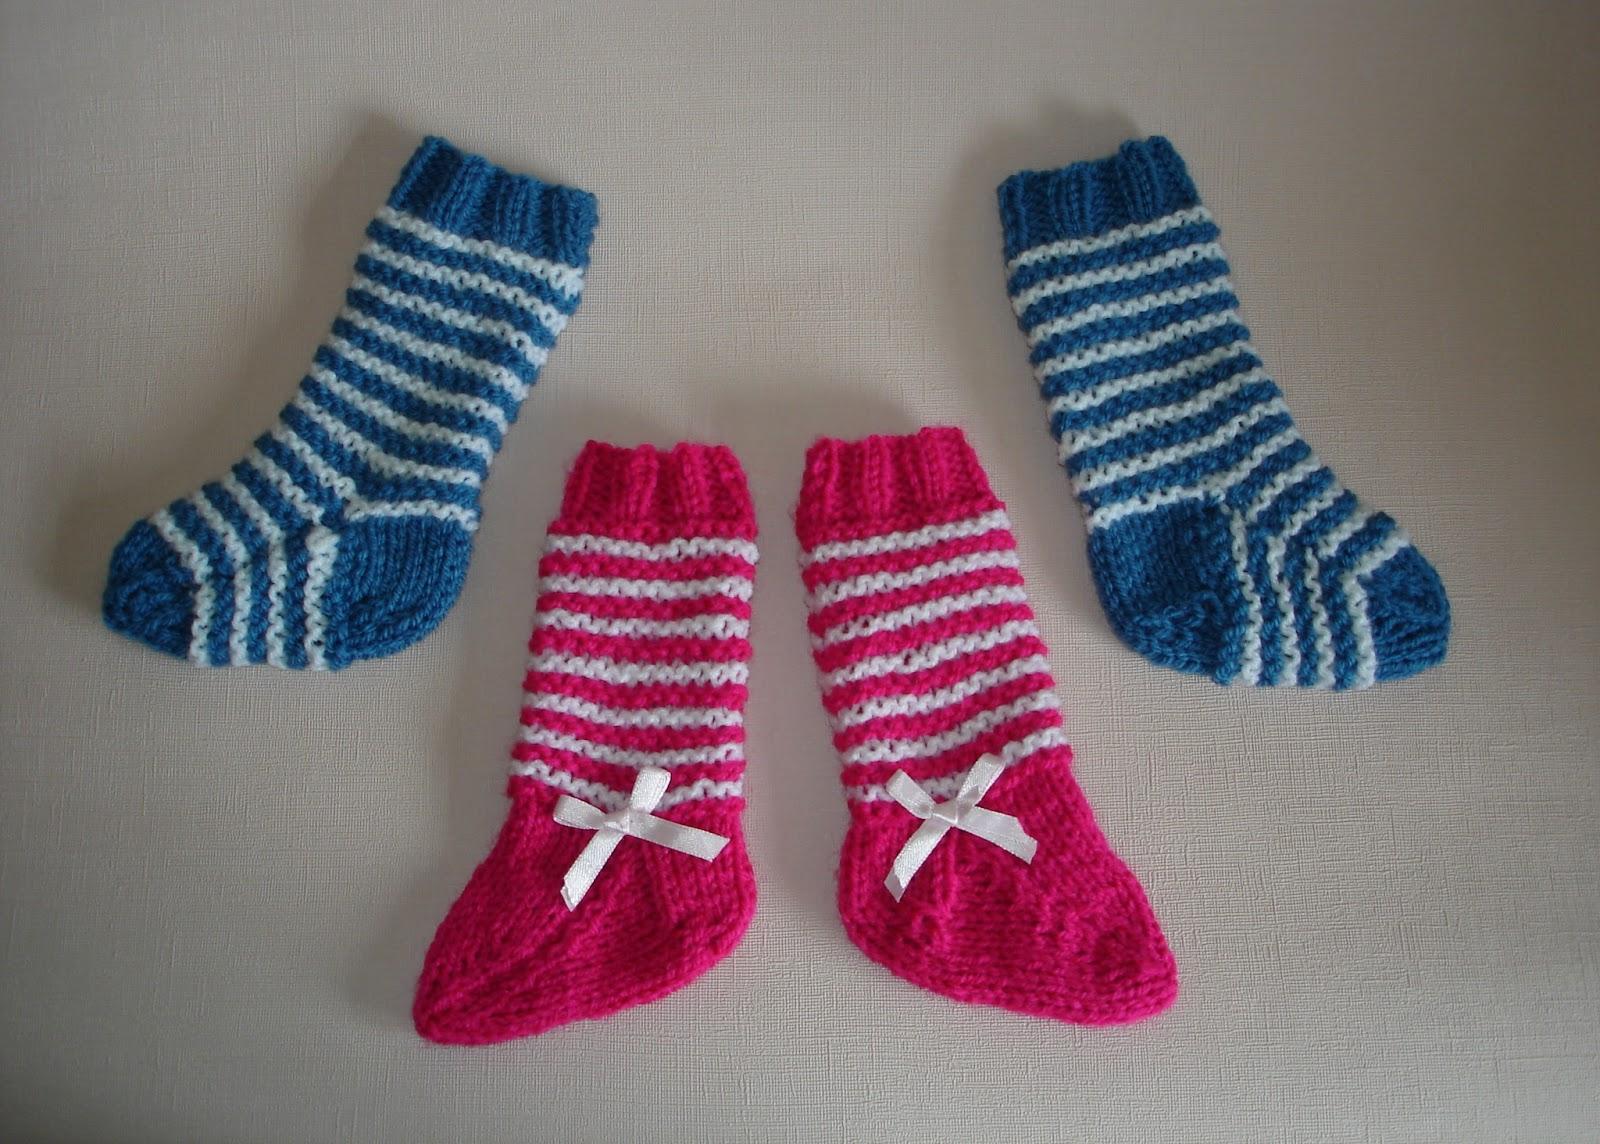 Mariannas lazy daisy days 2 needle baby socks 2 needle baby socks bankloansurffo Choice Image